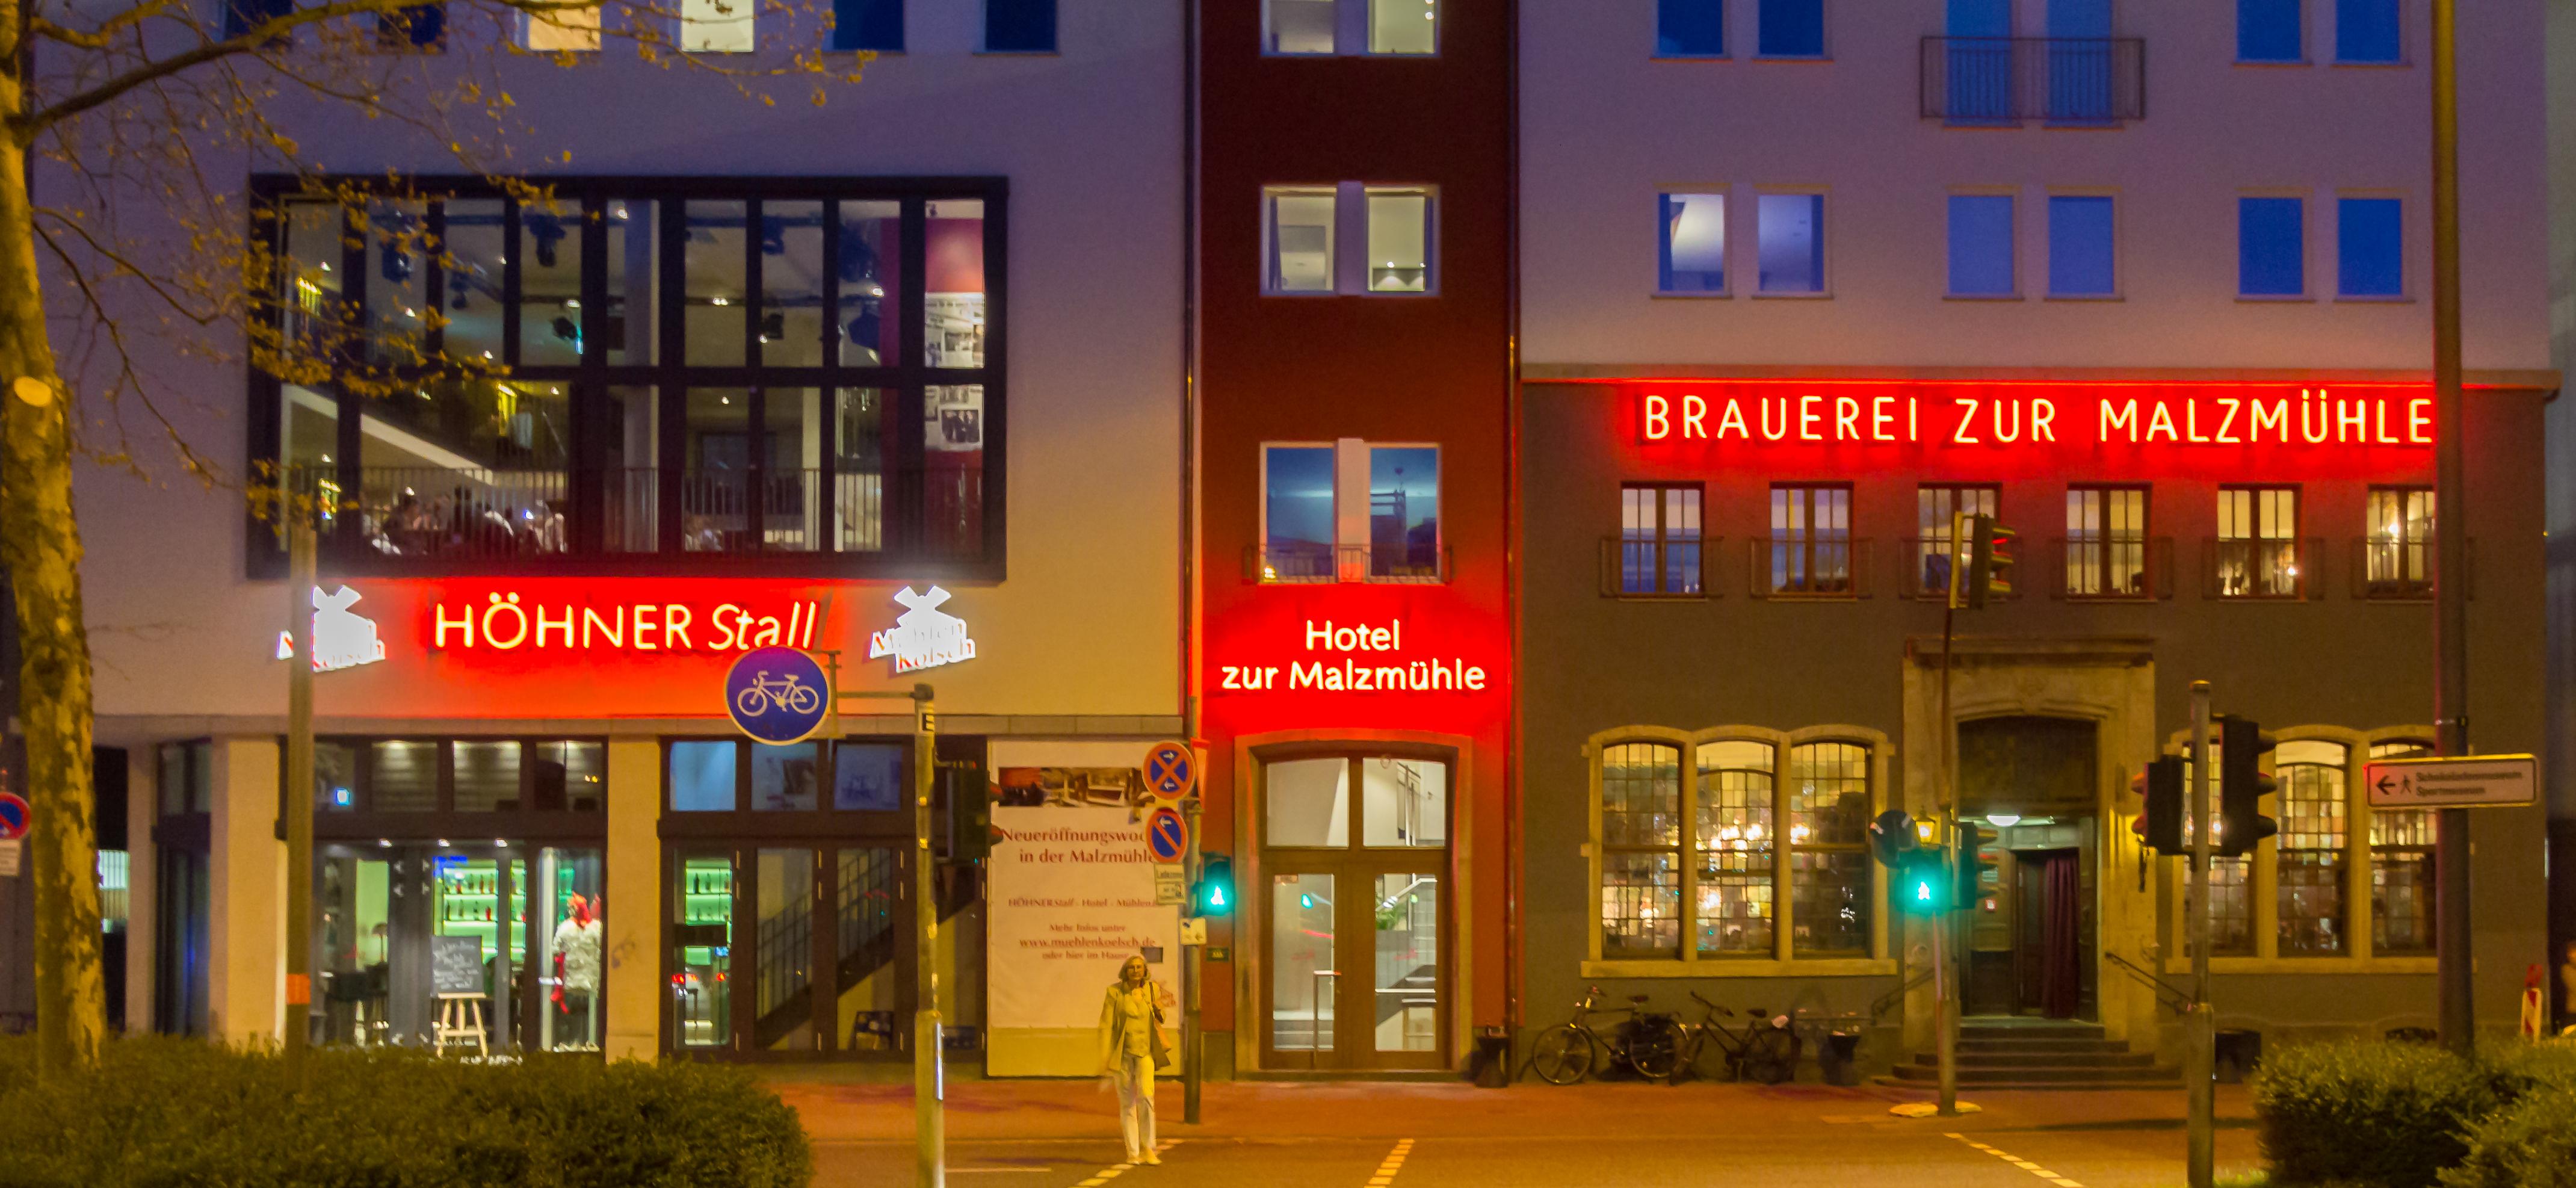 Hotel Zur Malzmuhle Koln Telefonnummer